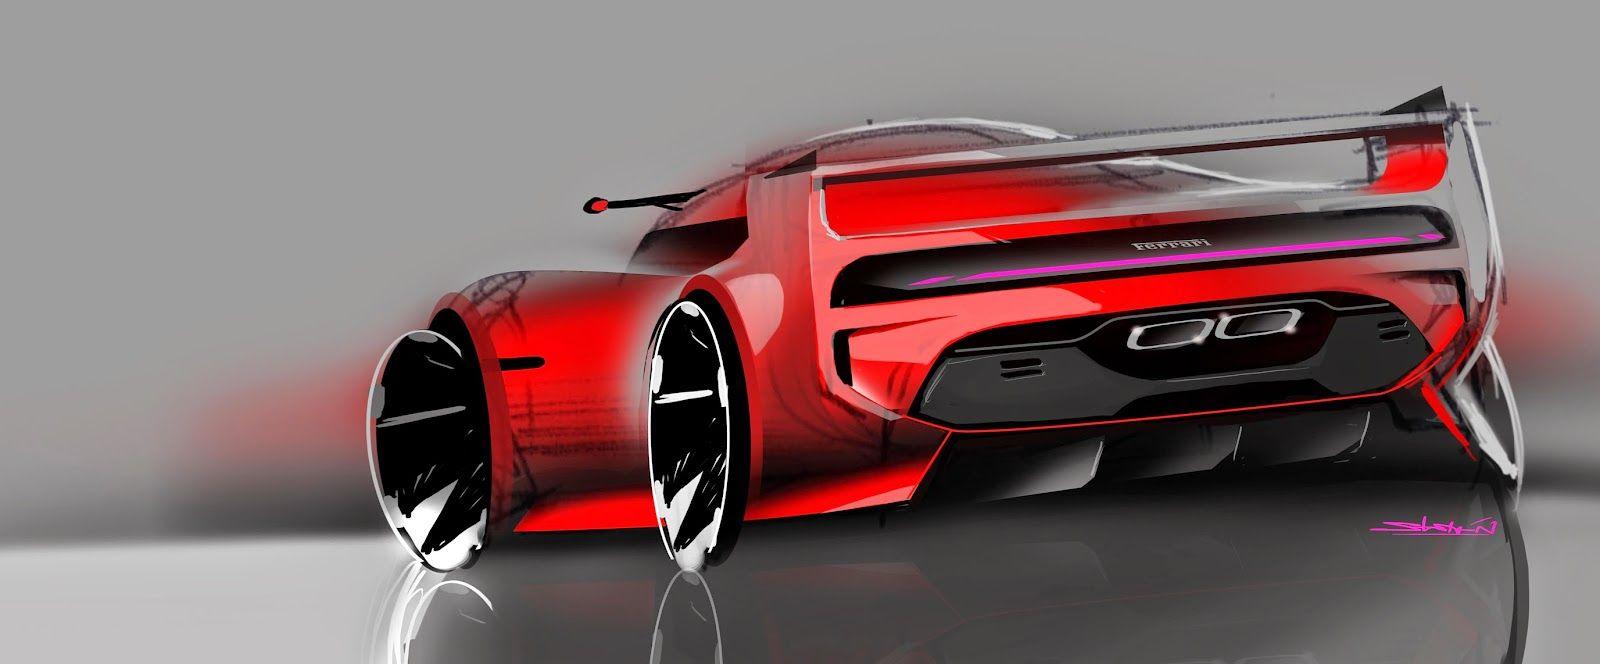 Marcell sebestyen concept car dessin voiture design industriel et design - Croquis voiture ...